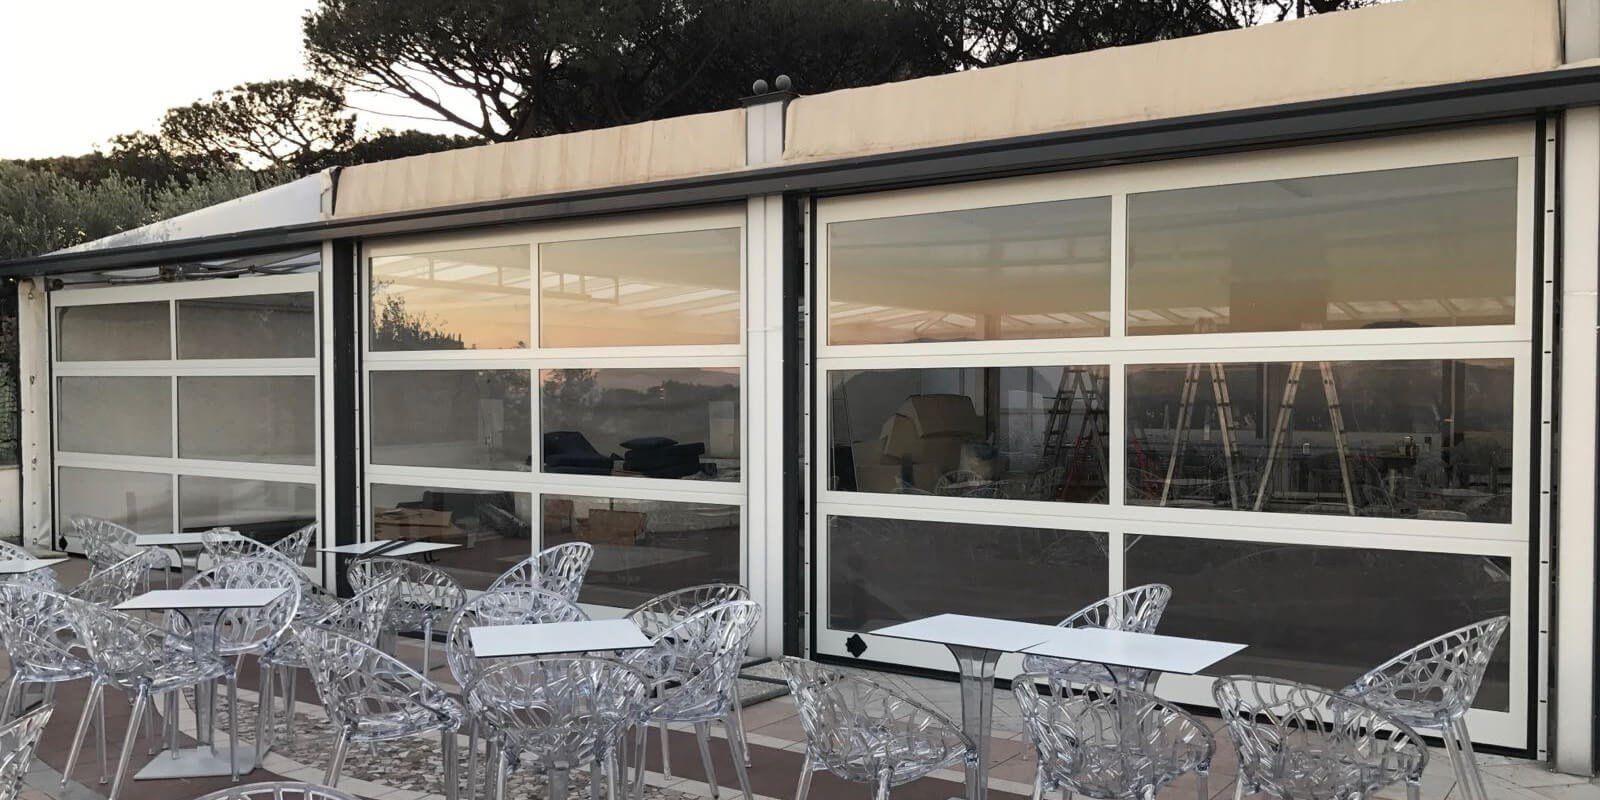 Portoni sezionali Breda, luce, aria e outdoor per spazi super smart